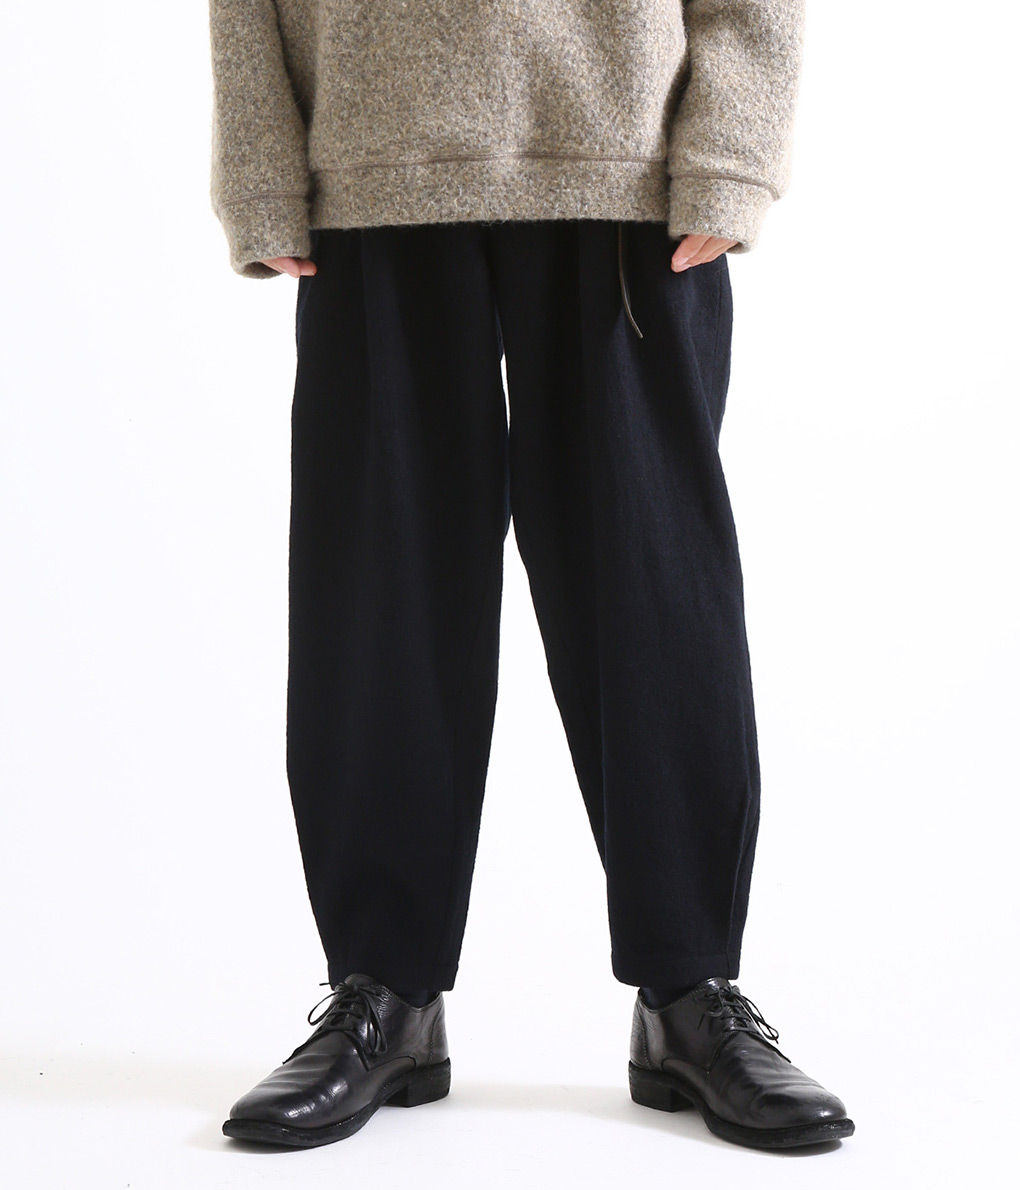 marka / マーカ : STRAIGHT TUCK PANTS - WOOL VIYELLA FULLING - : ストレートタックパンツ タックパンツ イージーパンツ : M18C-15PT01C 【COR】【WIS】